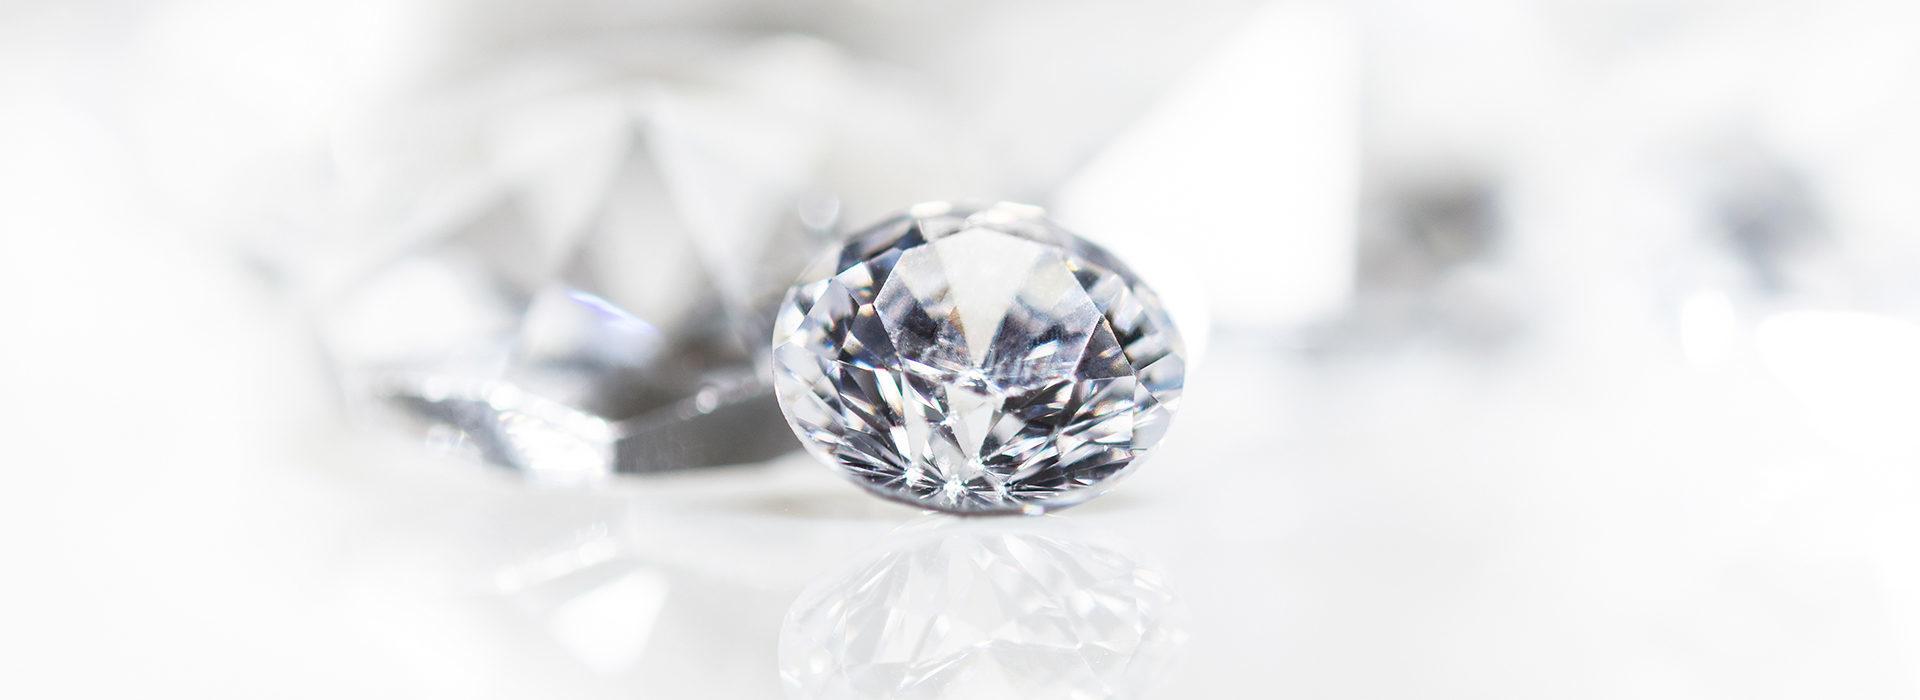 seria diamond